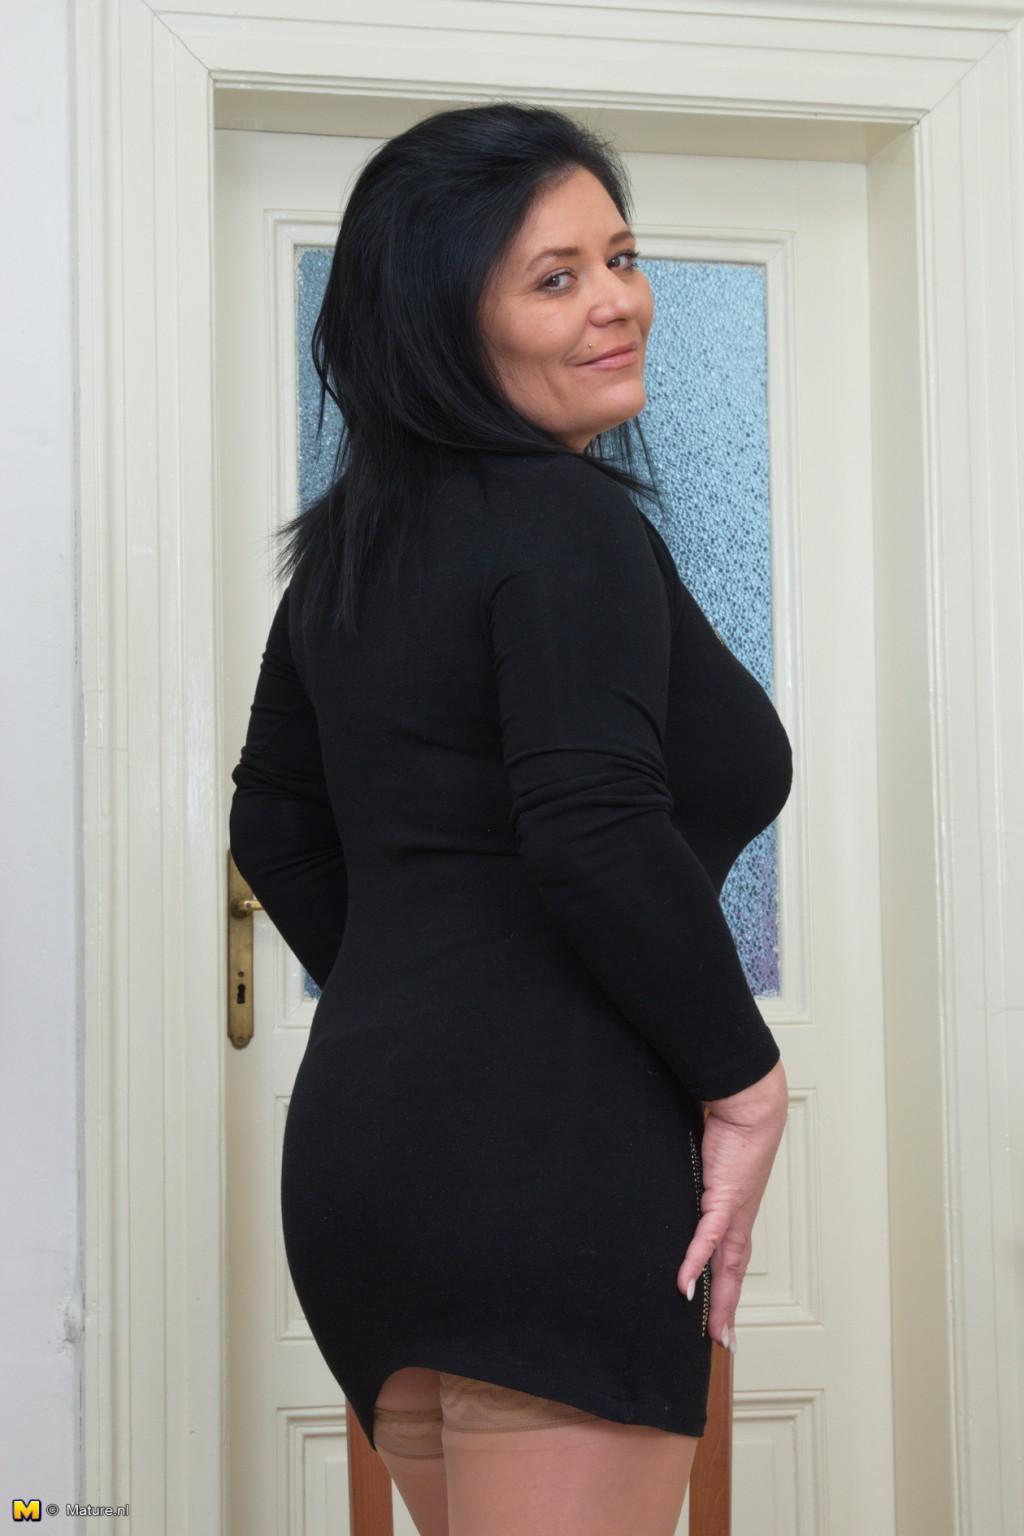 Зрелая женщина в теле показывает себя со всех сторон